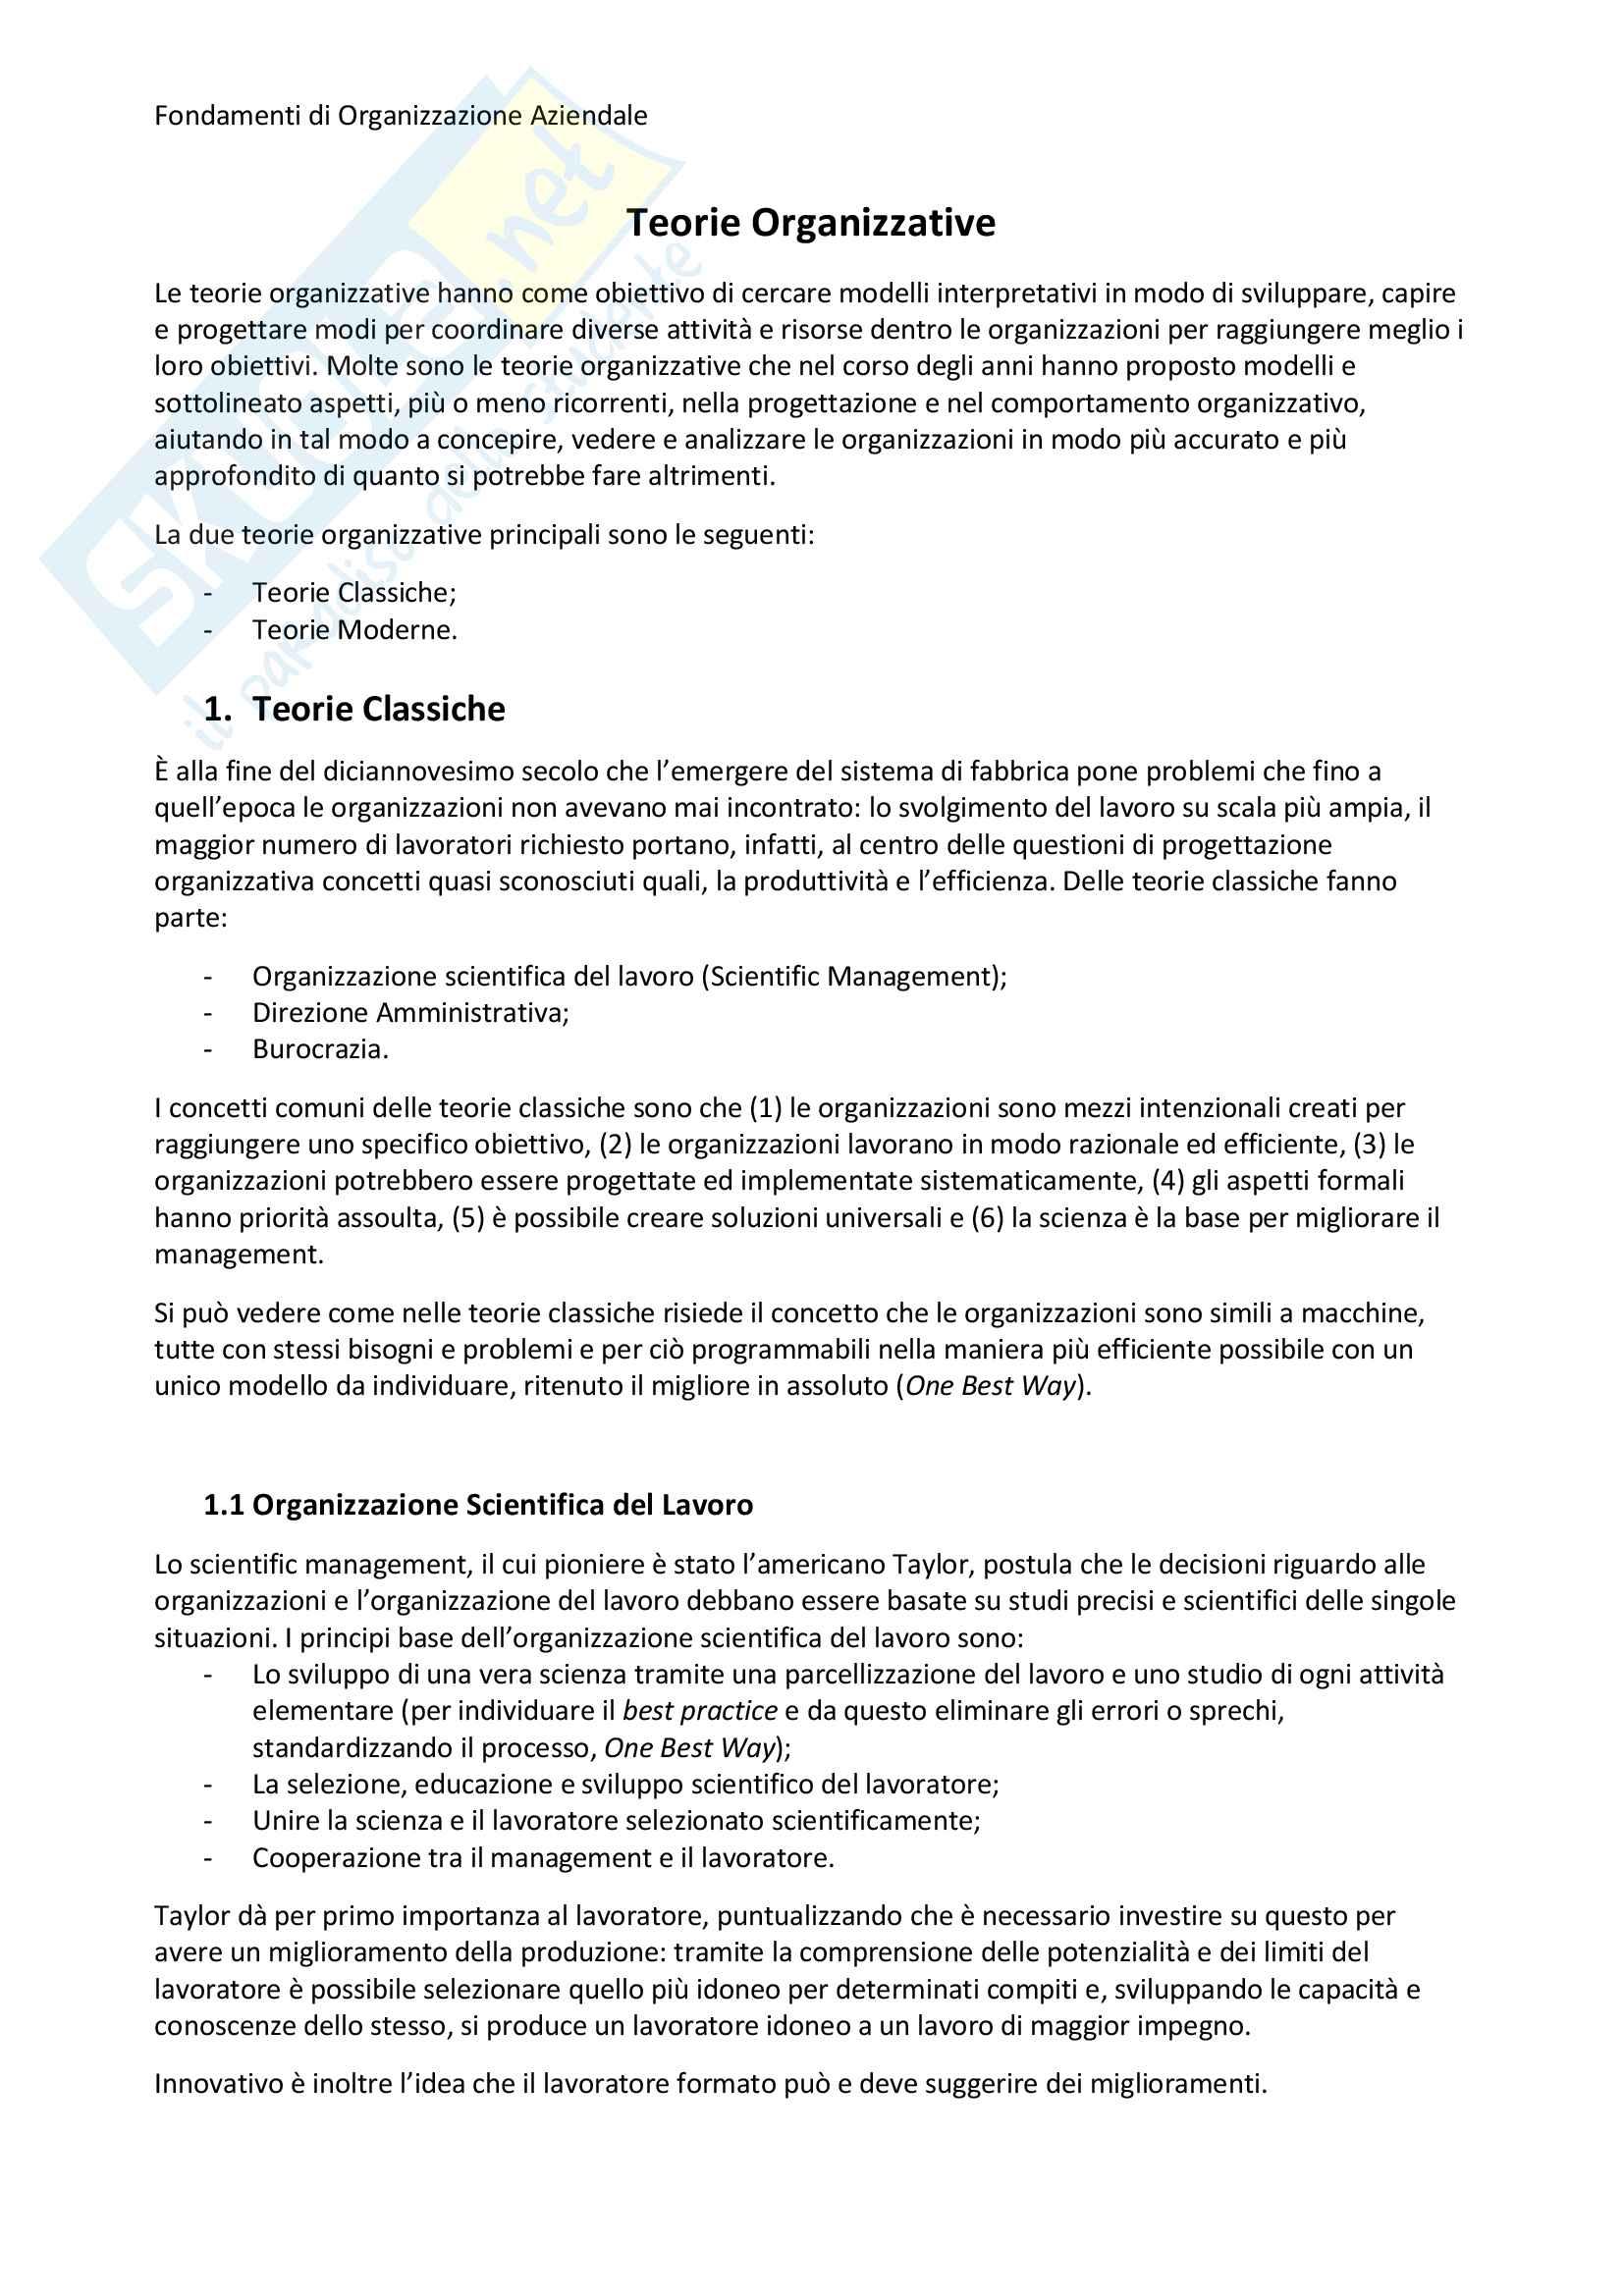 Appunti di gestione aziendale per la parte di Nonino